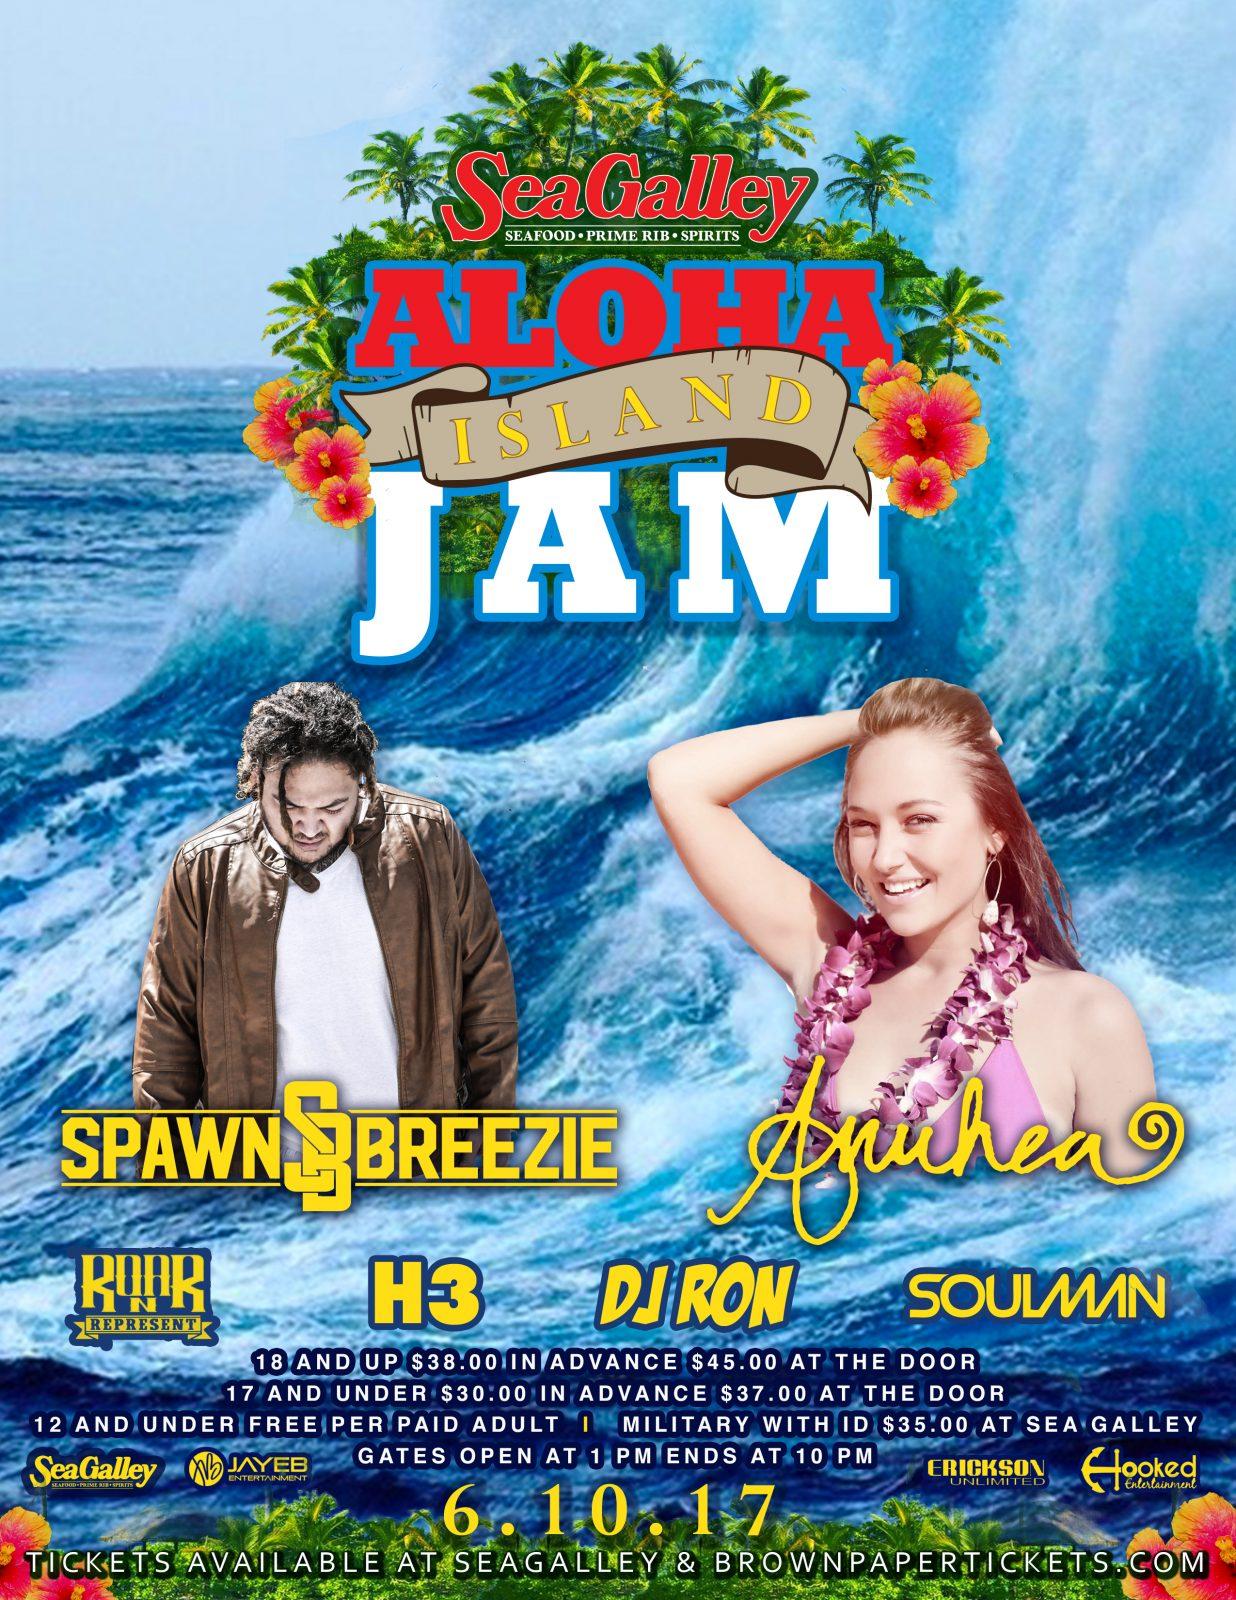 aloha-island-jam-flyer